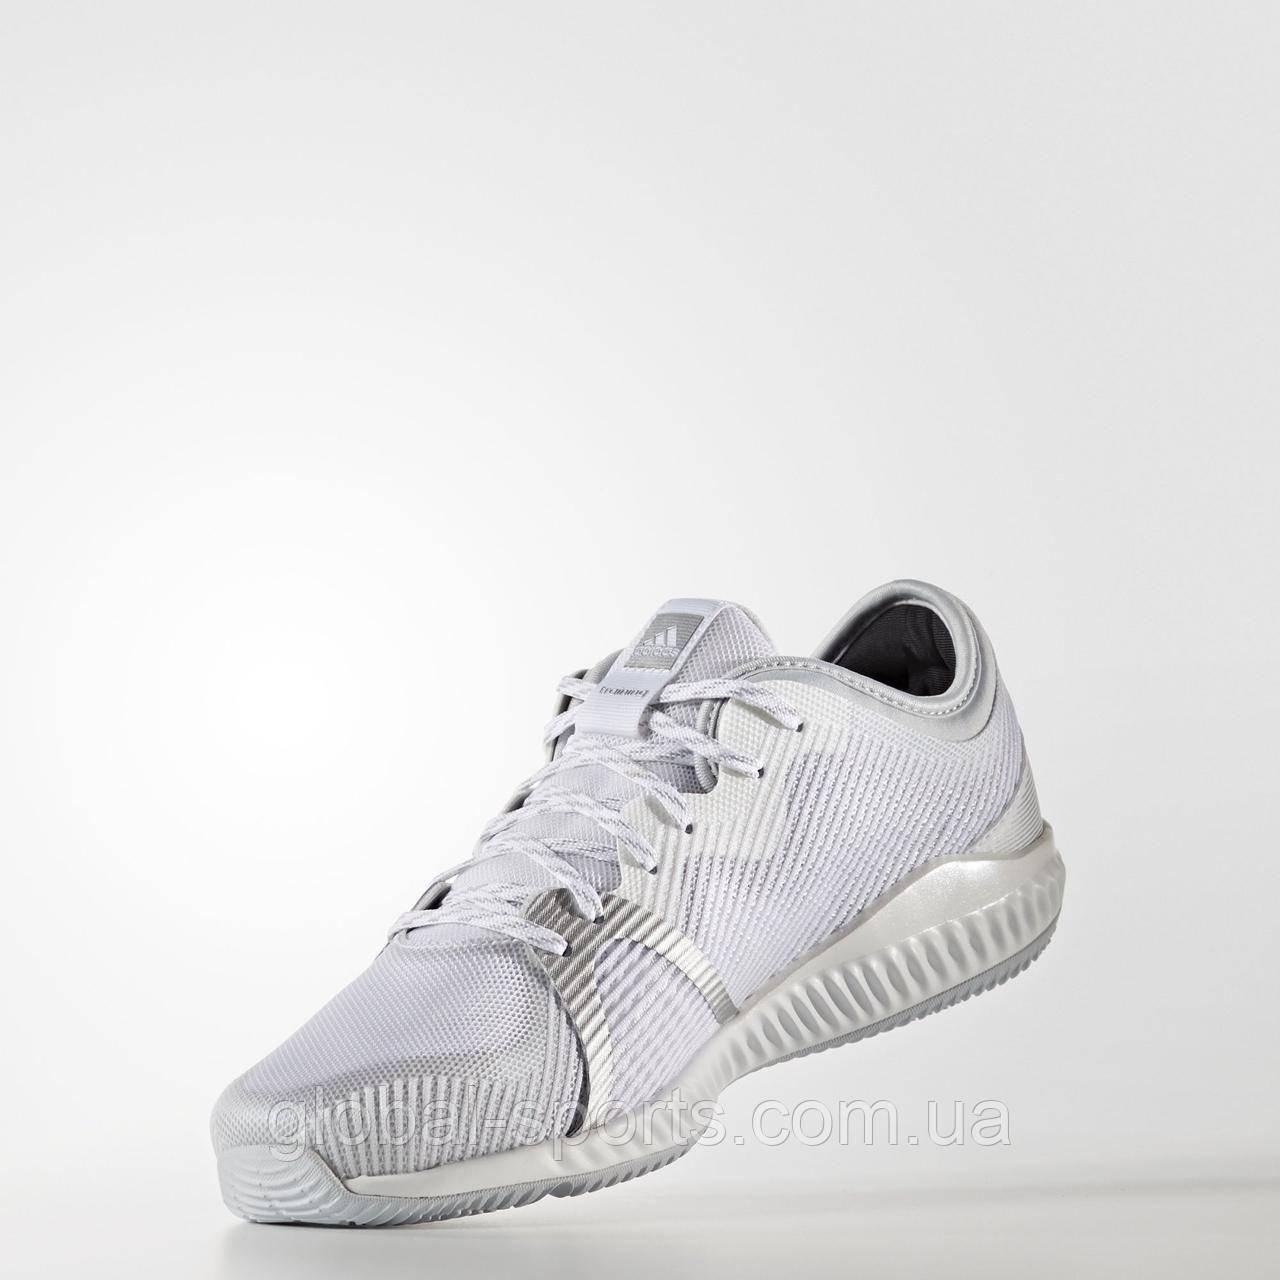 Женские кроссовки Adidas CrazyTrain (Артикул: BB1506)